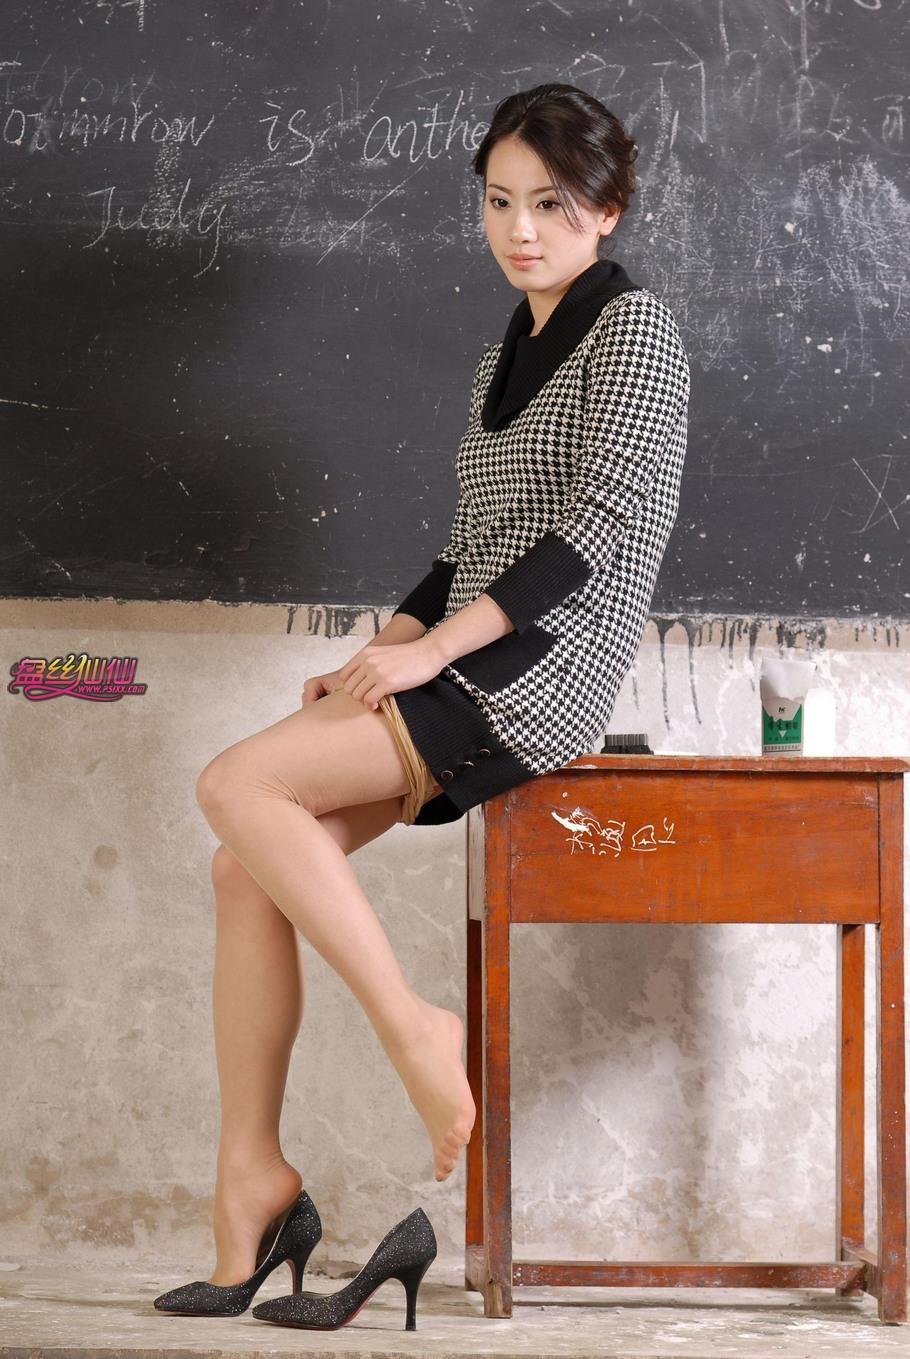 乡村风流_乡村女教师 - 唯美肤色_盘丝仙仙 美丝街拍视频网